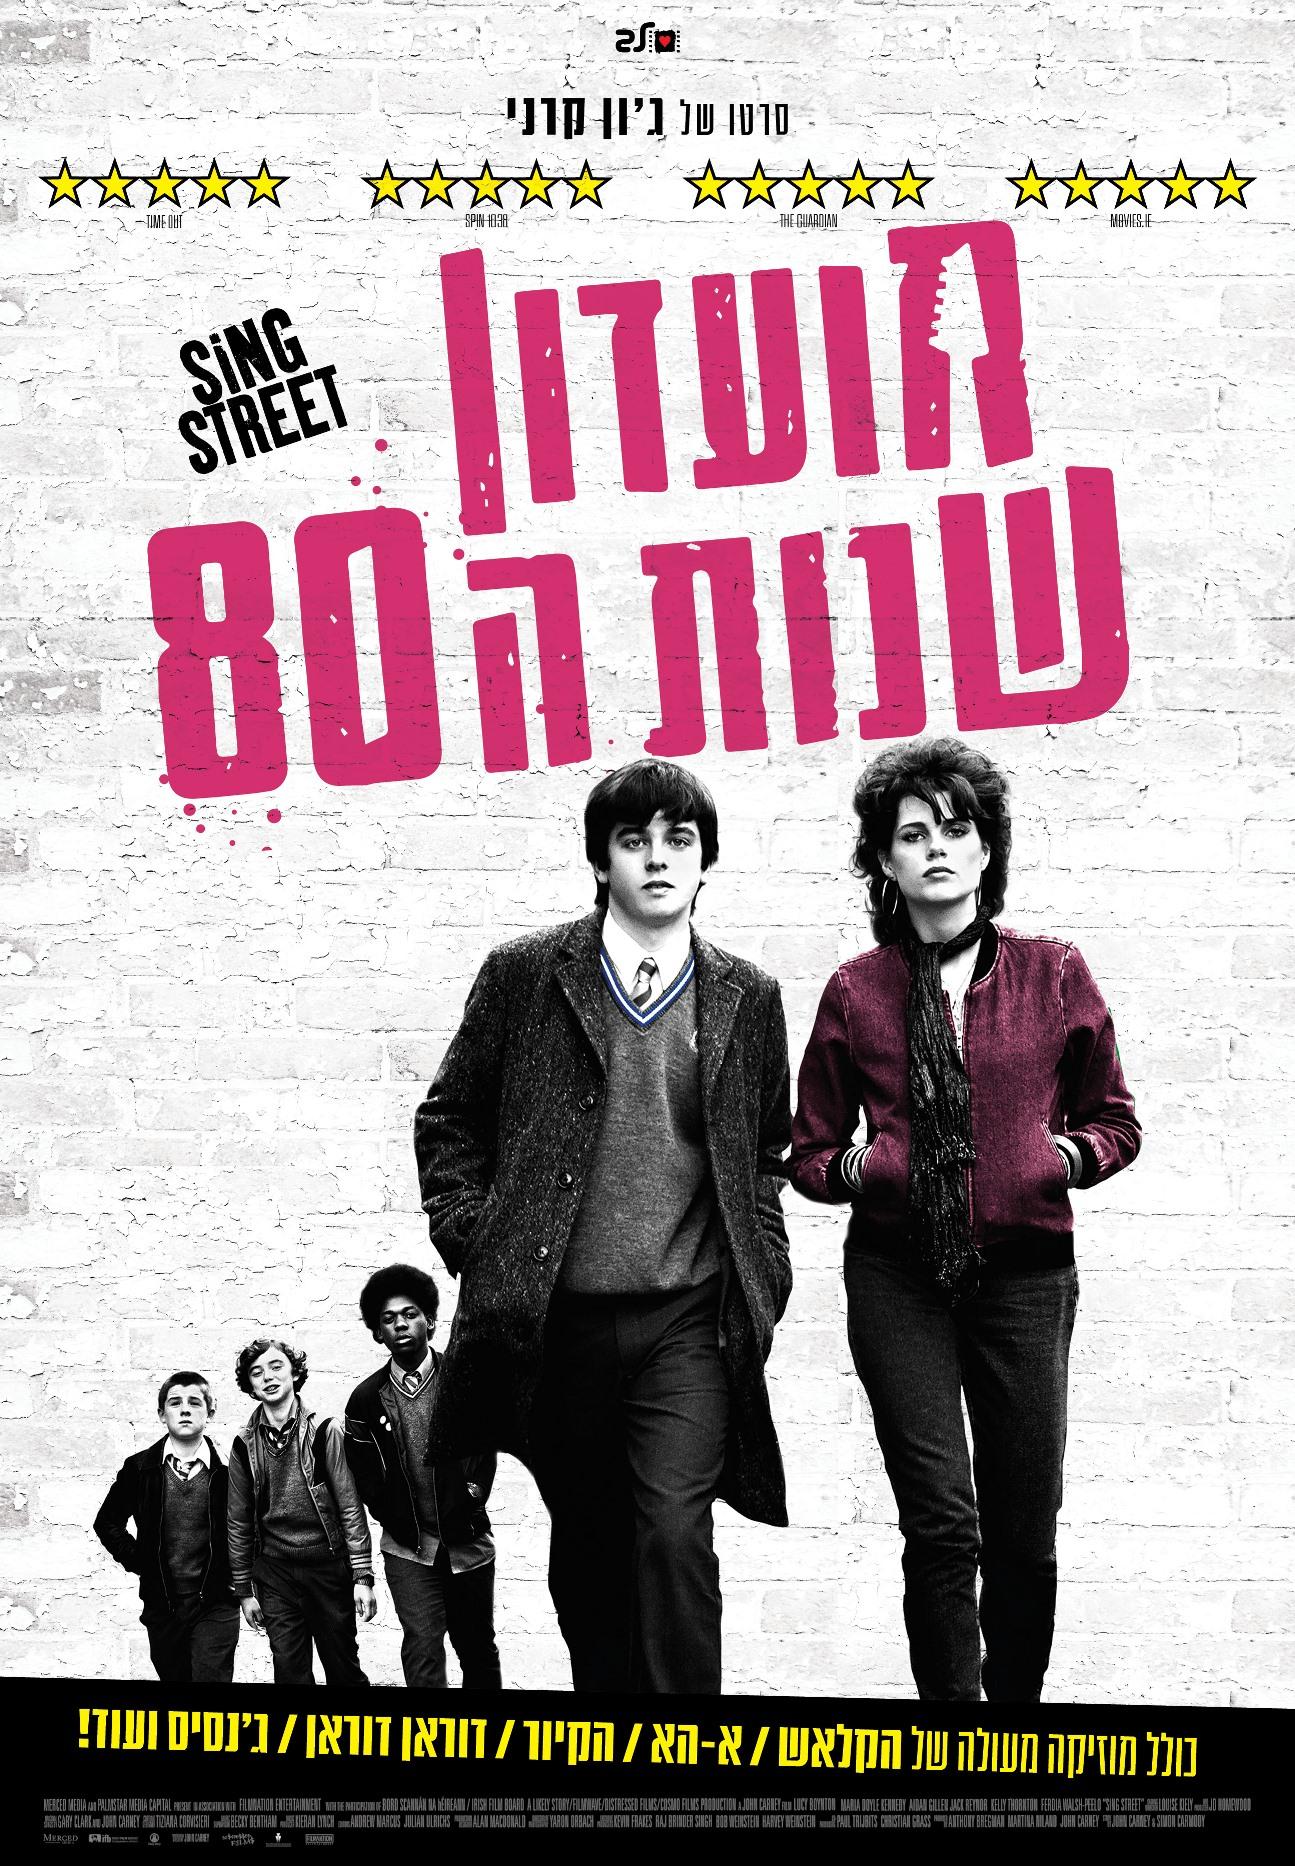 8739_sing_street poster_v1